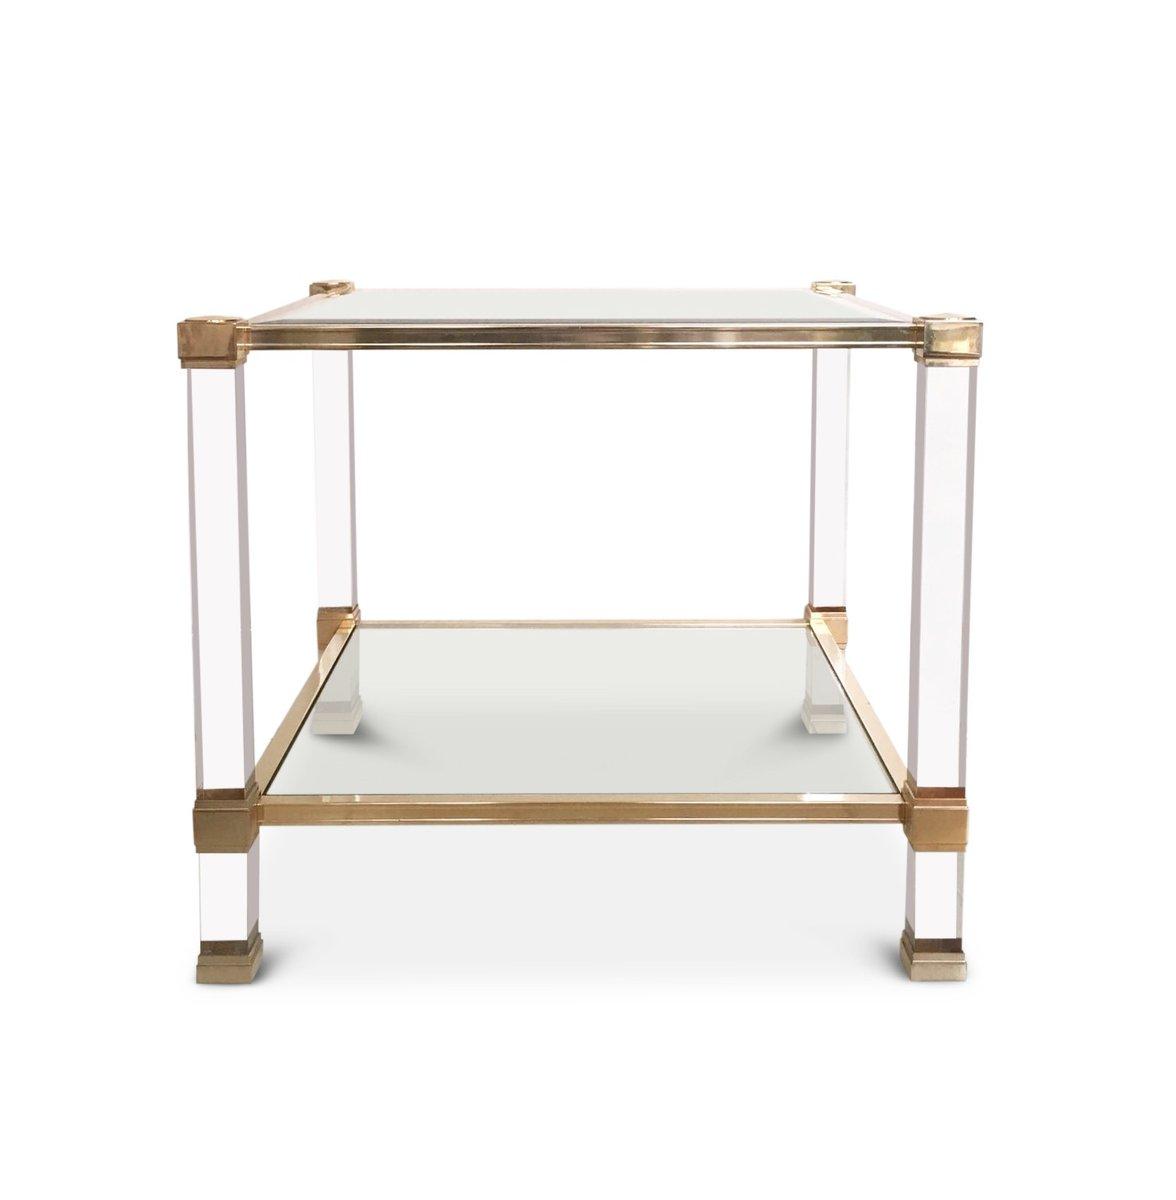 Quadratischer Plexiglas und Glas Couchtisch von Pierre Vandel, 1970er